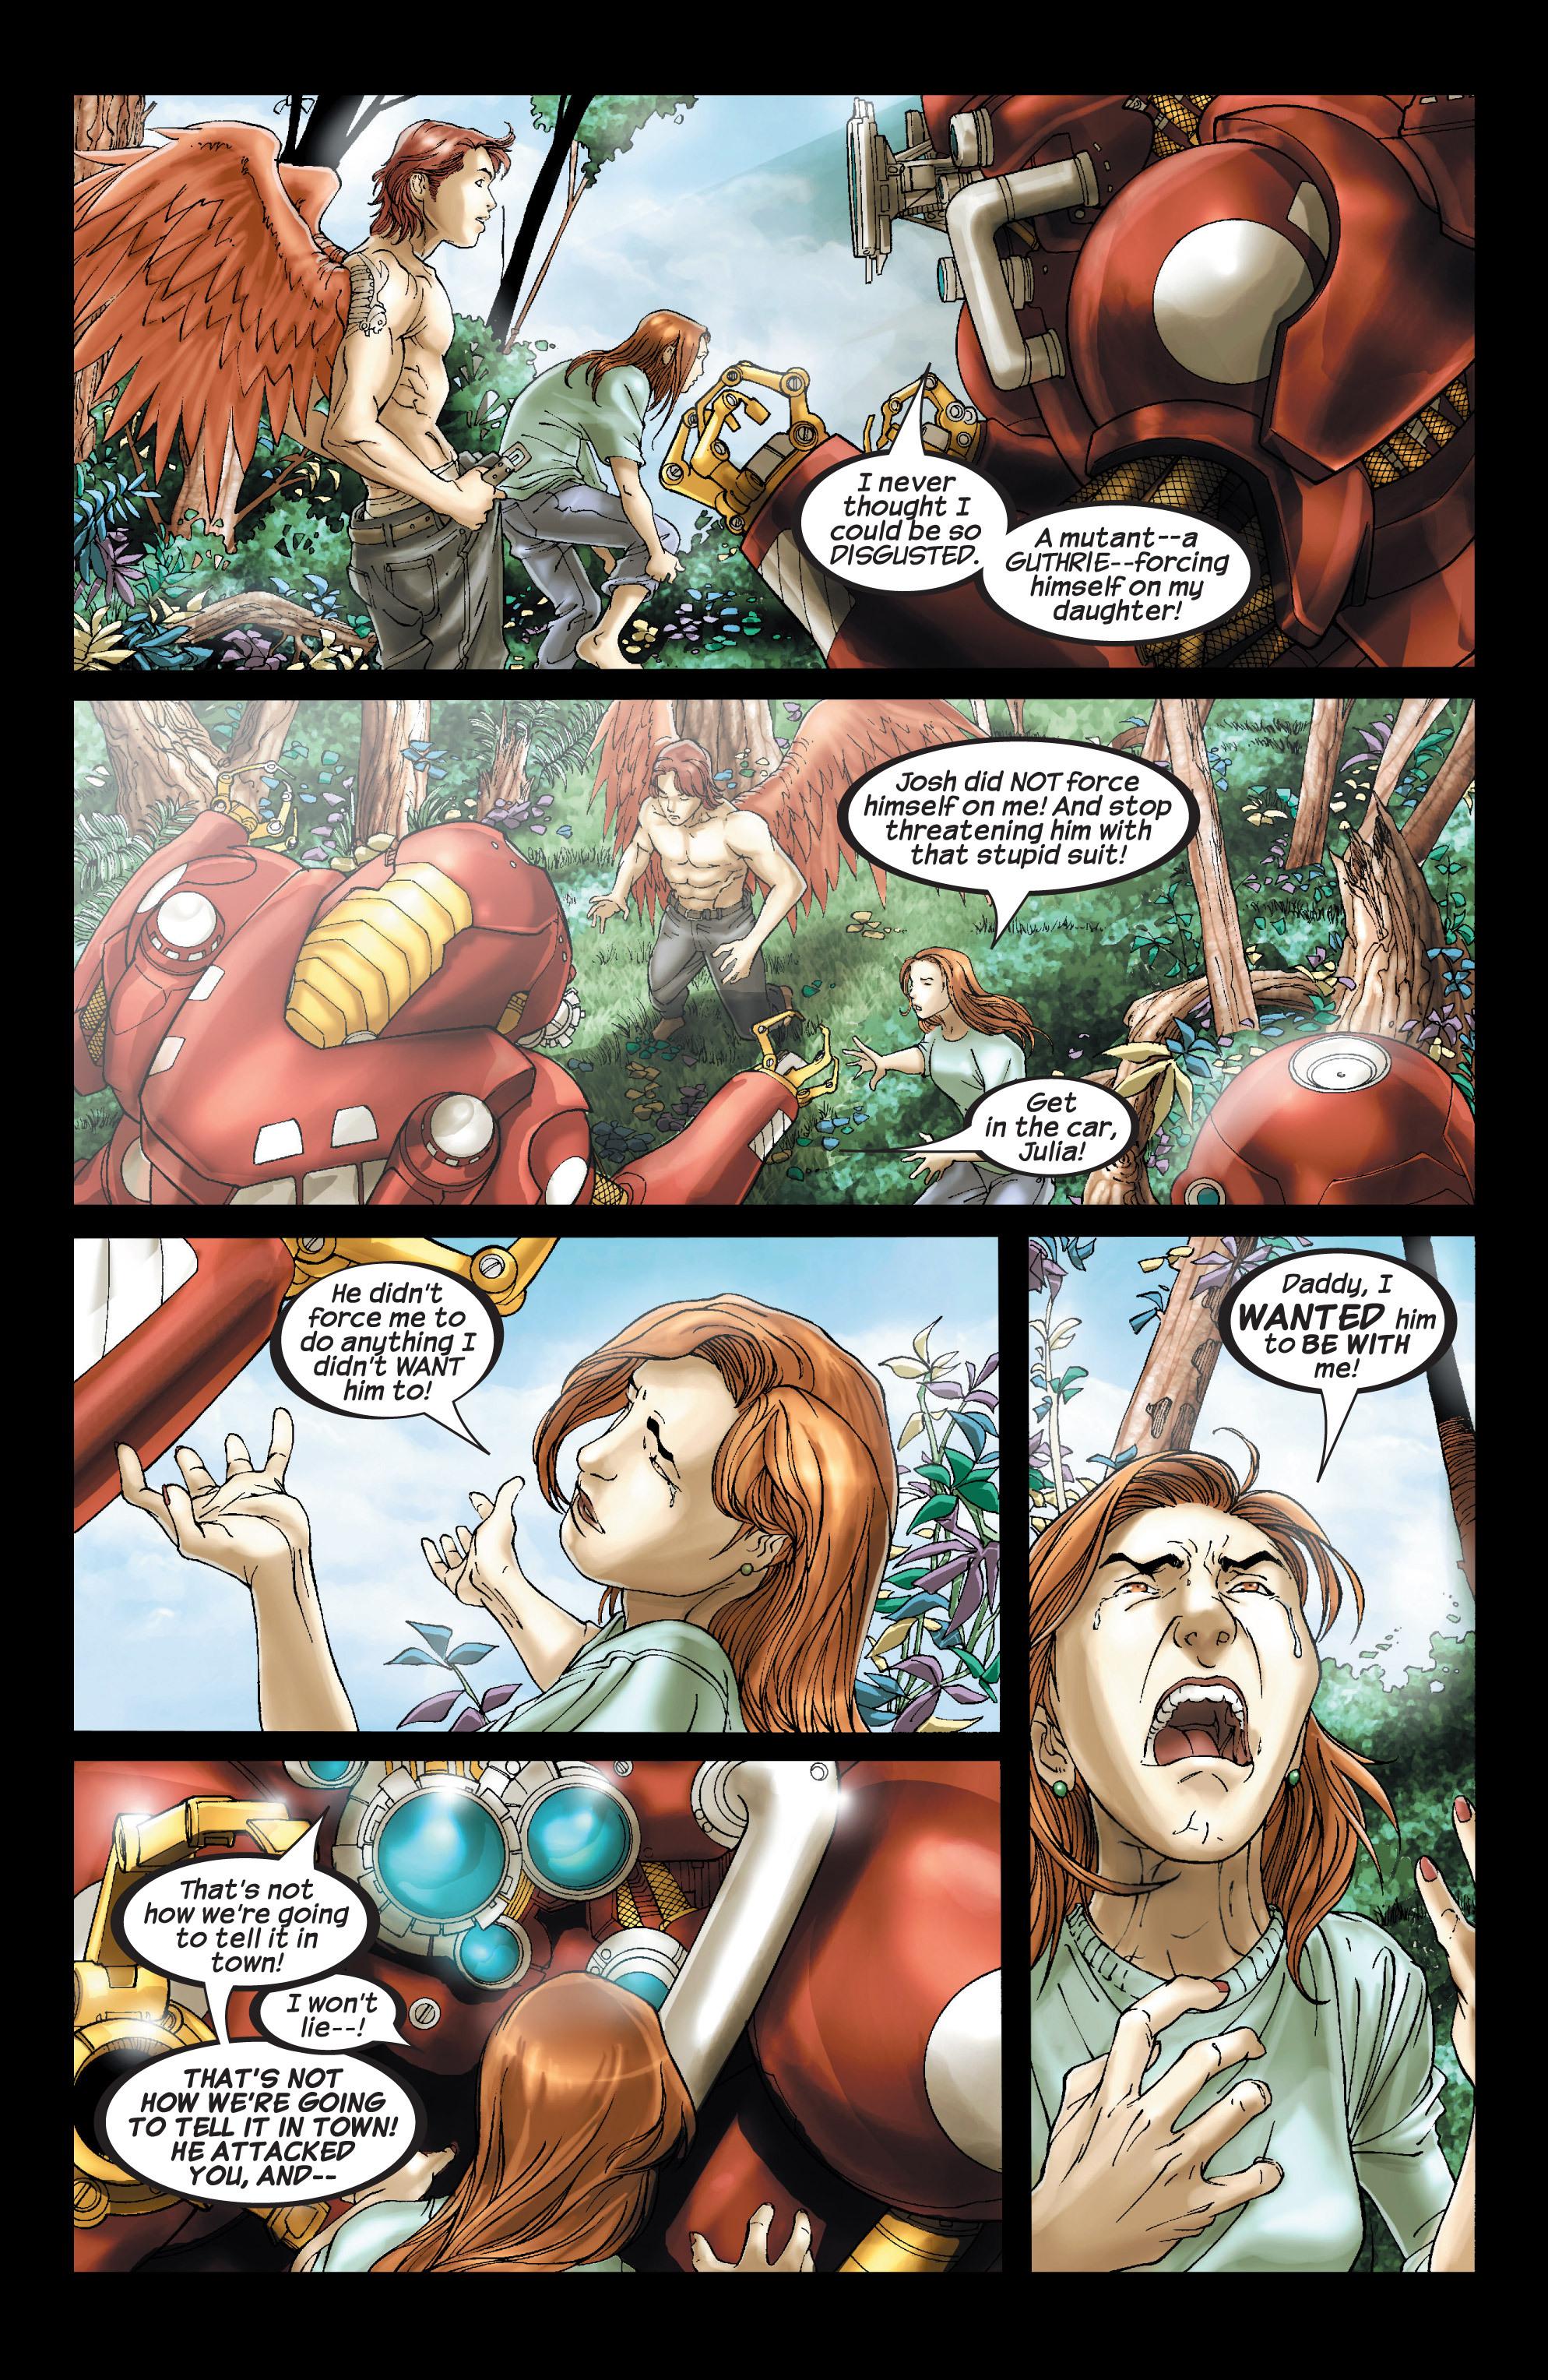 Read online Uncanny X-Men (1963) comic -  Issue #440 - 8